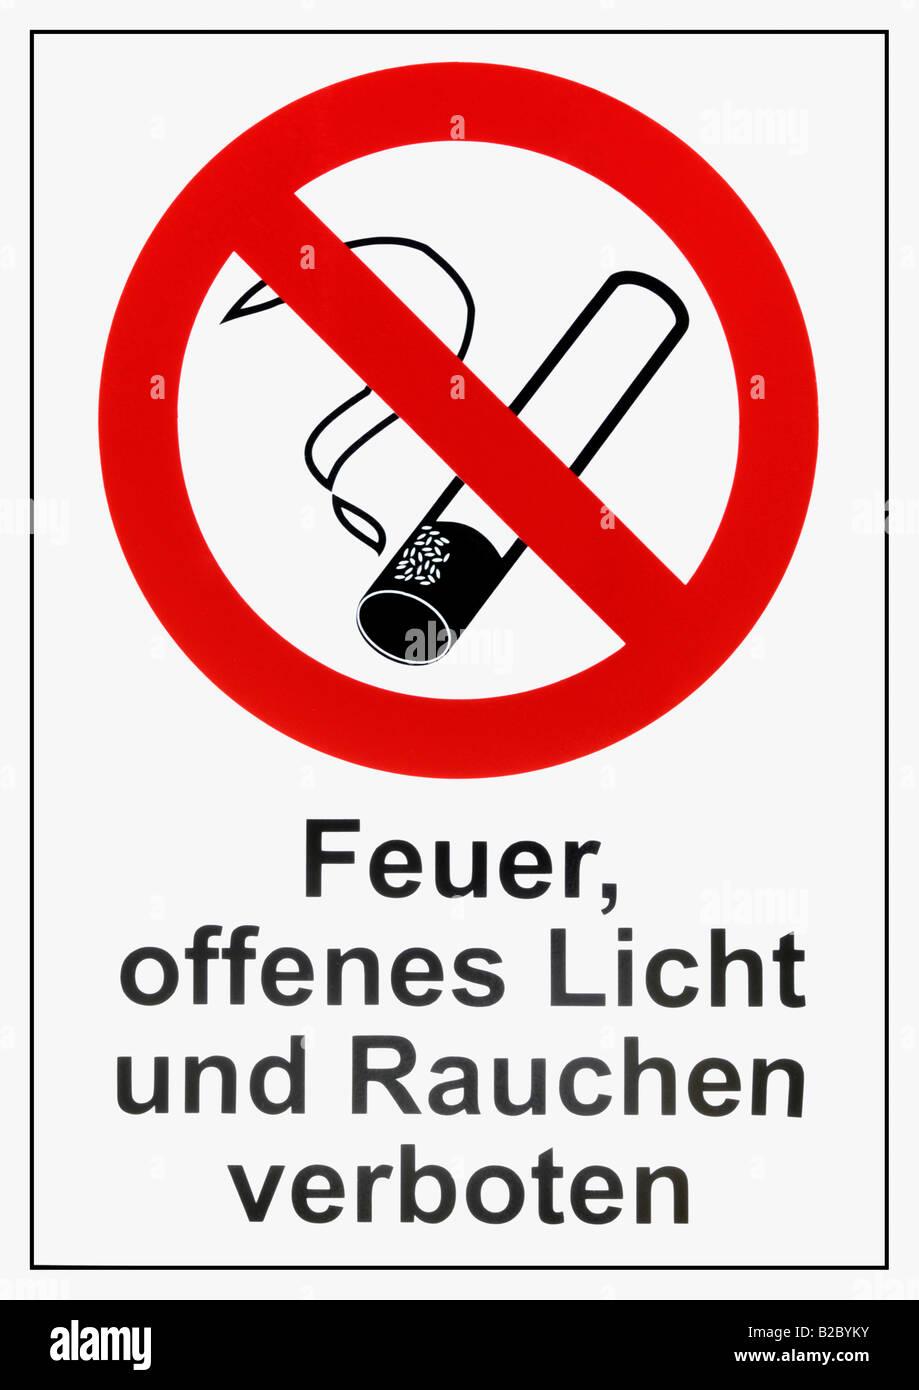 Anweisung Schild mit der Aufschrift Feuer, offenen Licht Und Rauchen verboten, Feuer, Feuerzeuge und Rauchen verboten Stockbild